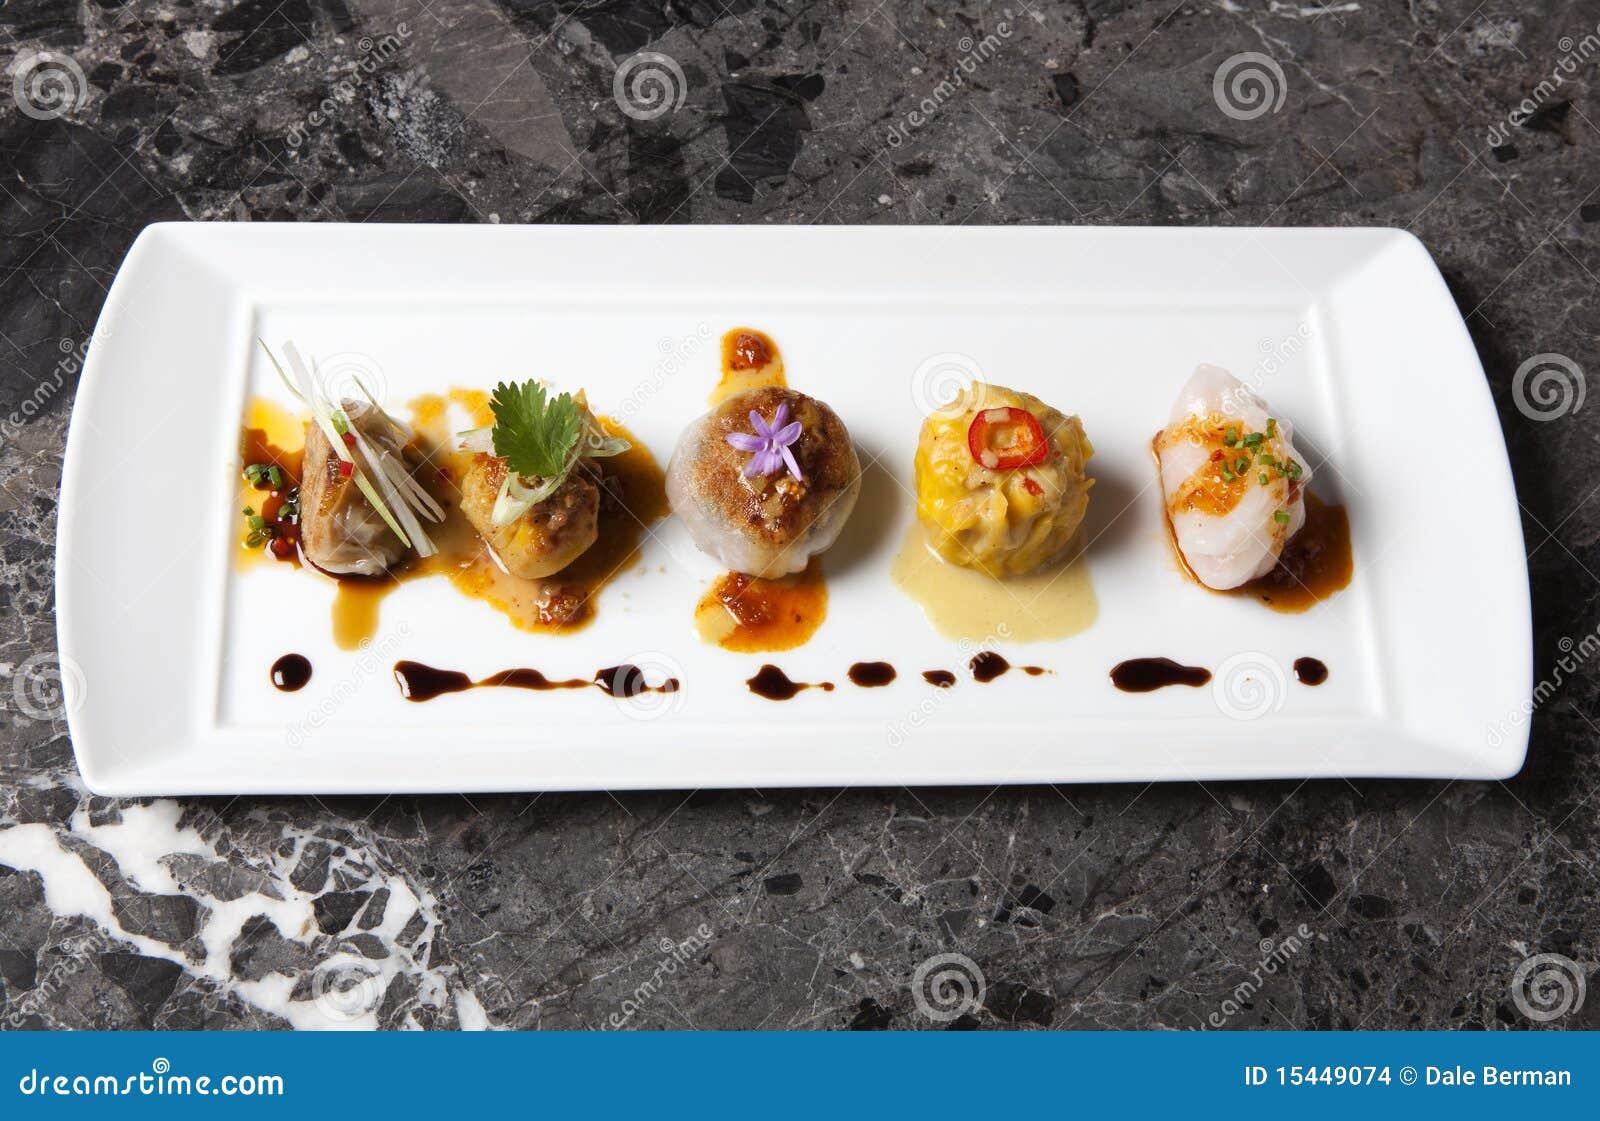 Dim Sum Gourmet